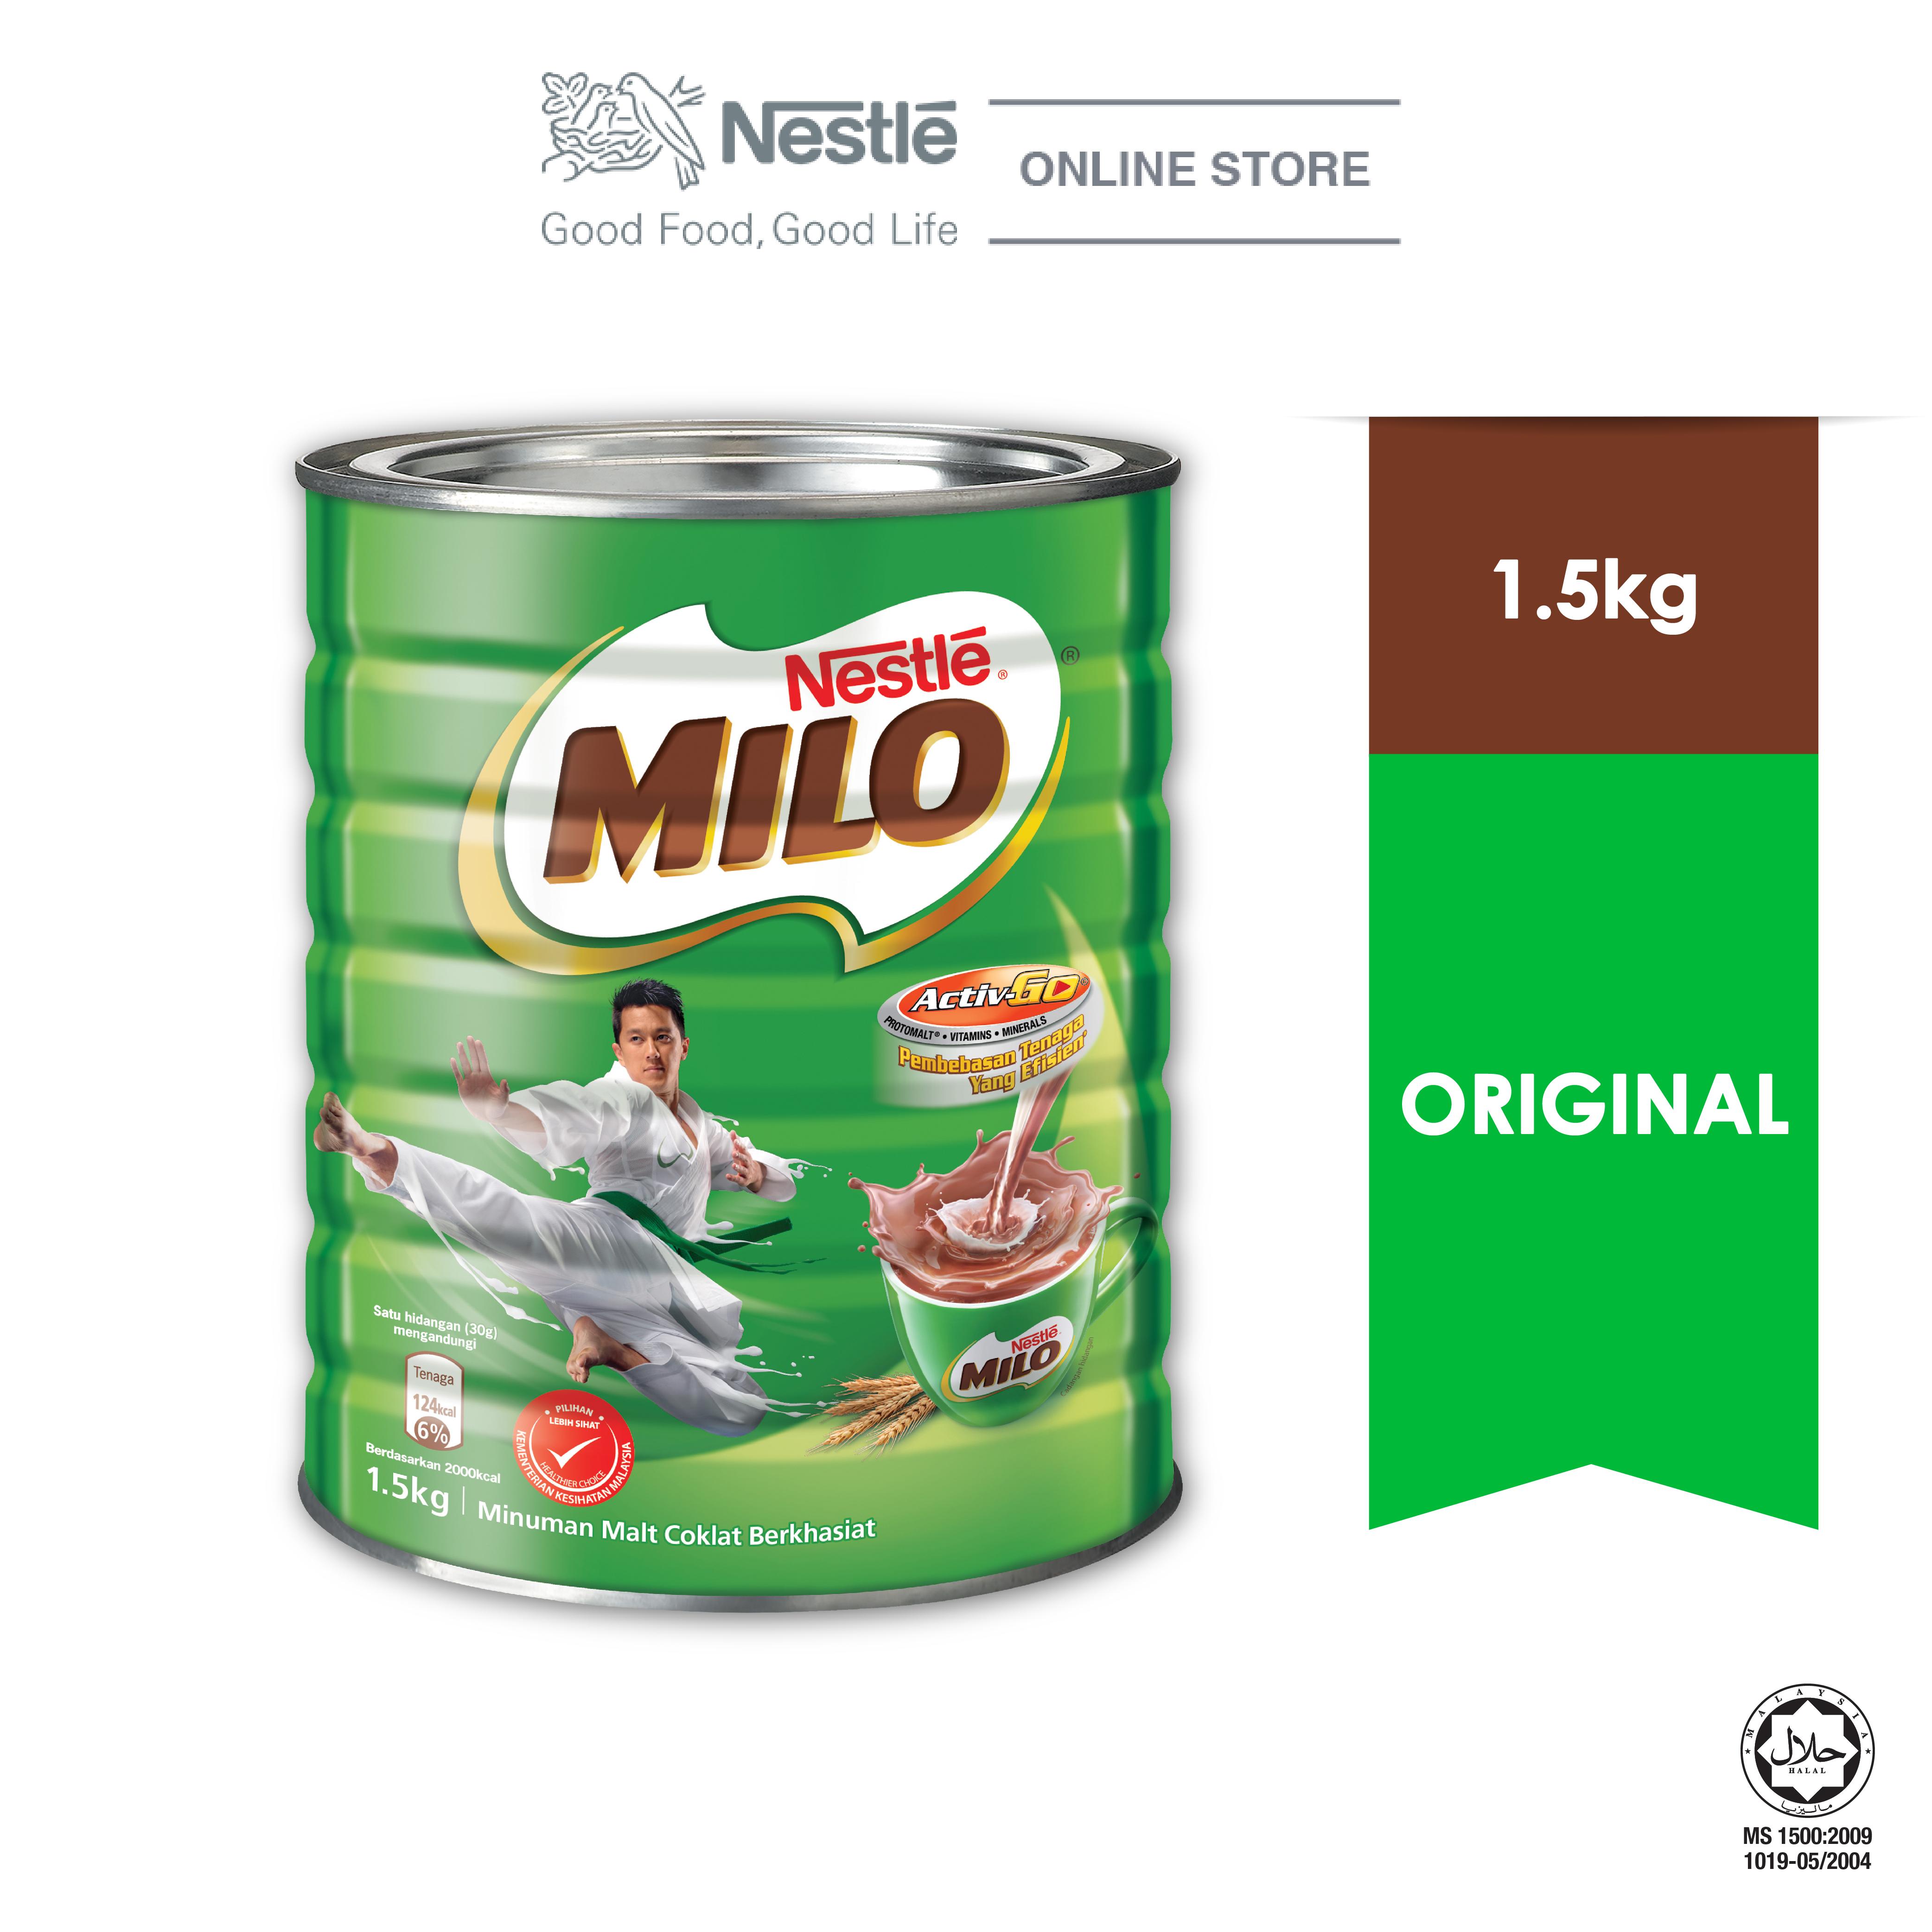 NESTLÉ MILO ACTIV-GO CHOCOLATE MALT POWDER Tin 1.5kg